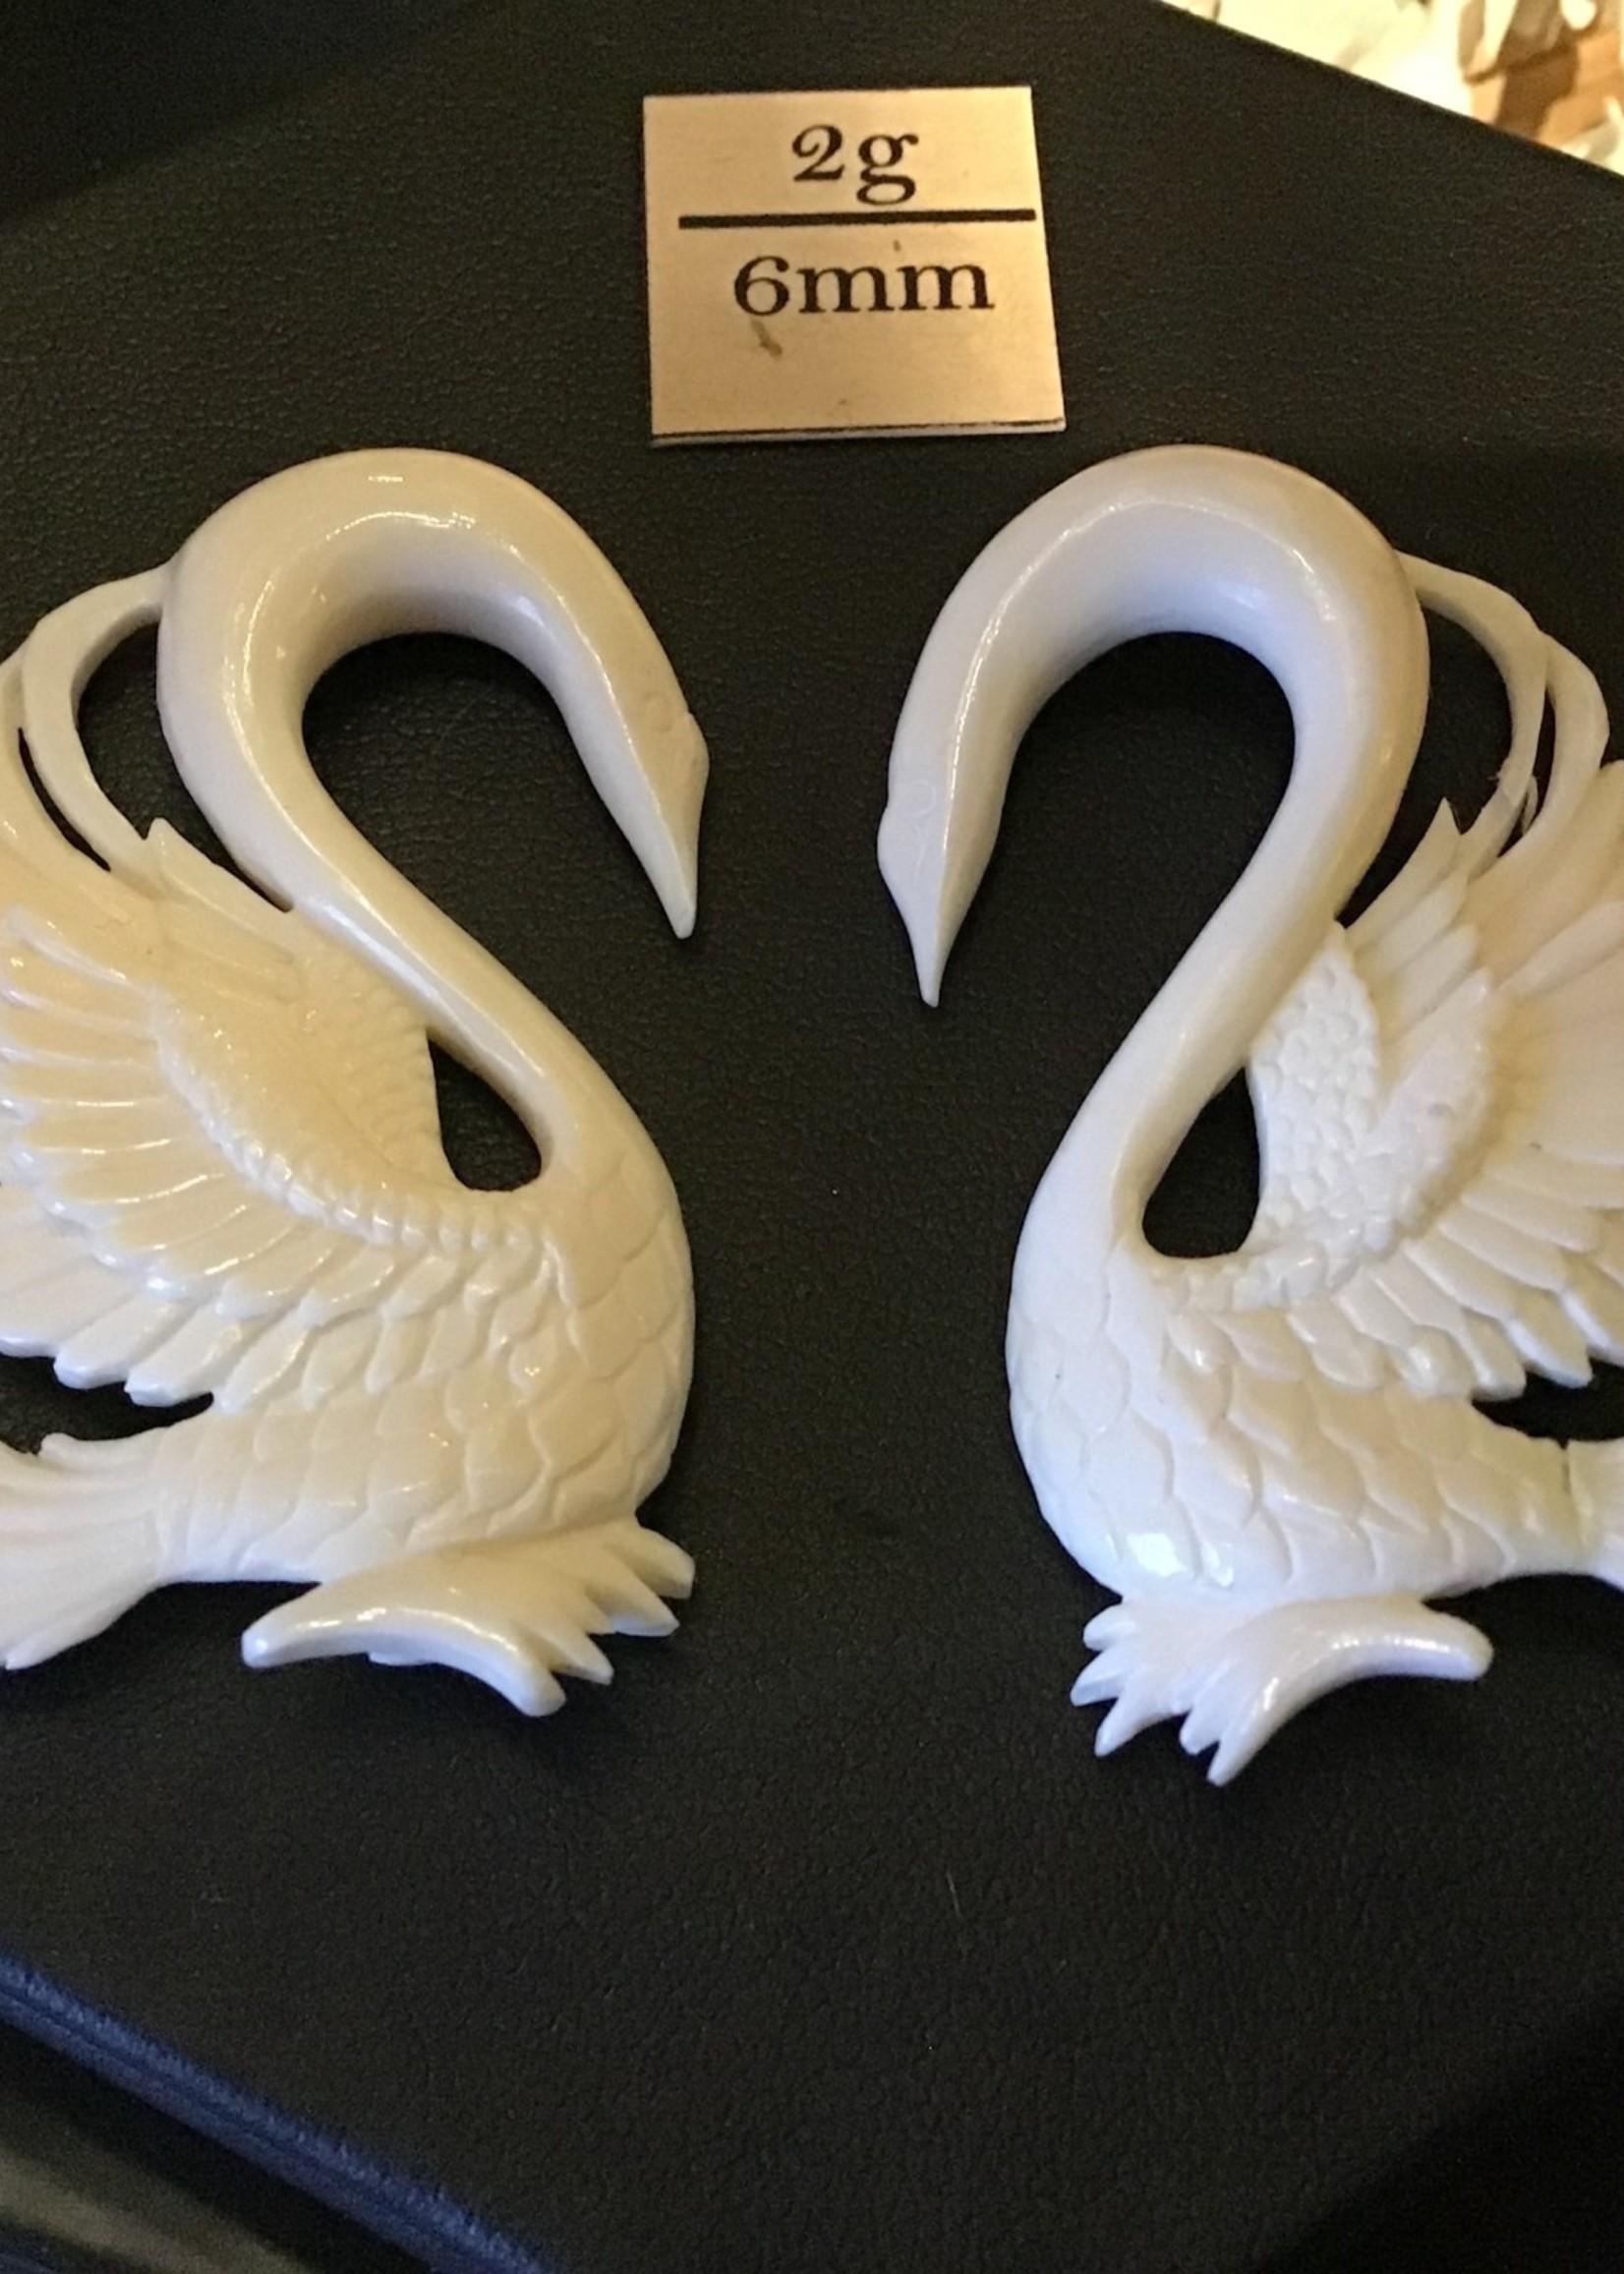 2g Bone Trumpeter Swans